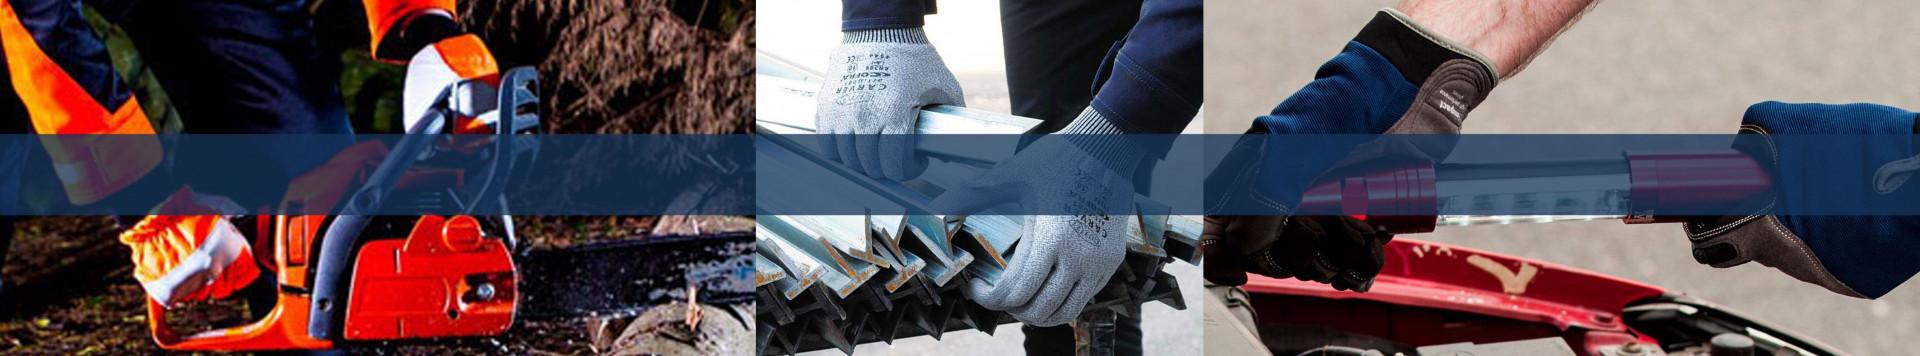 Handbescherming met EN normering voor alle werknemers.